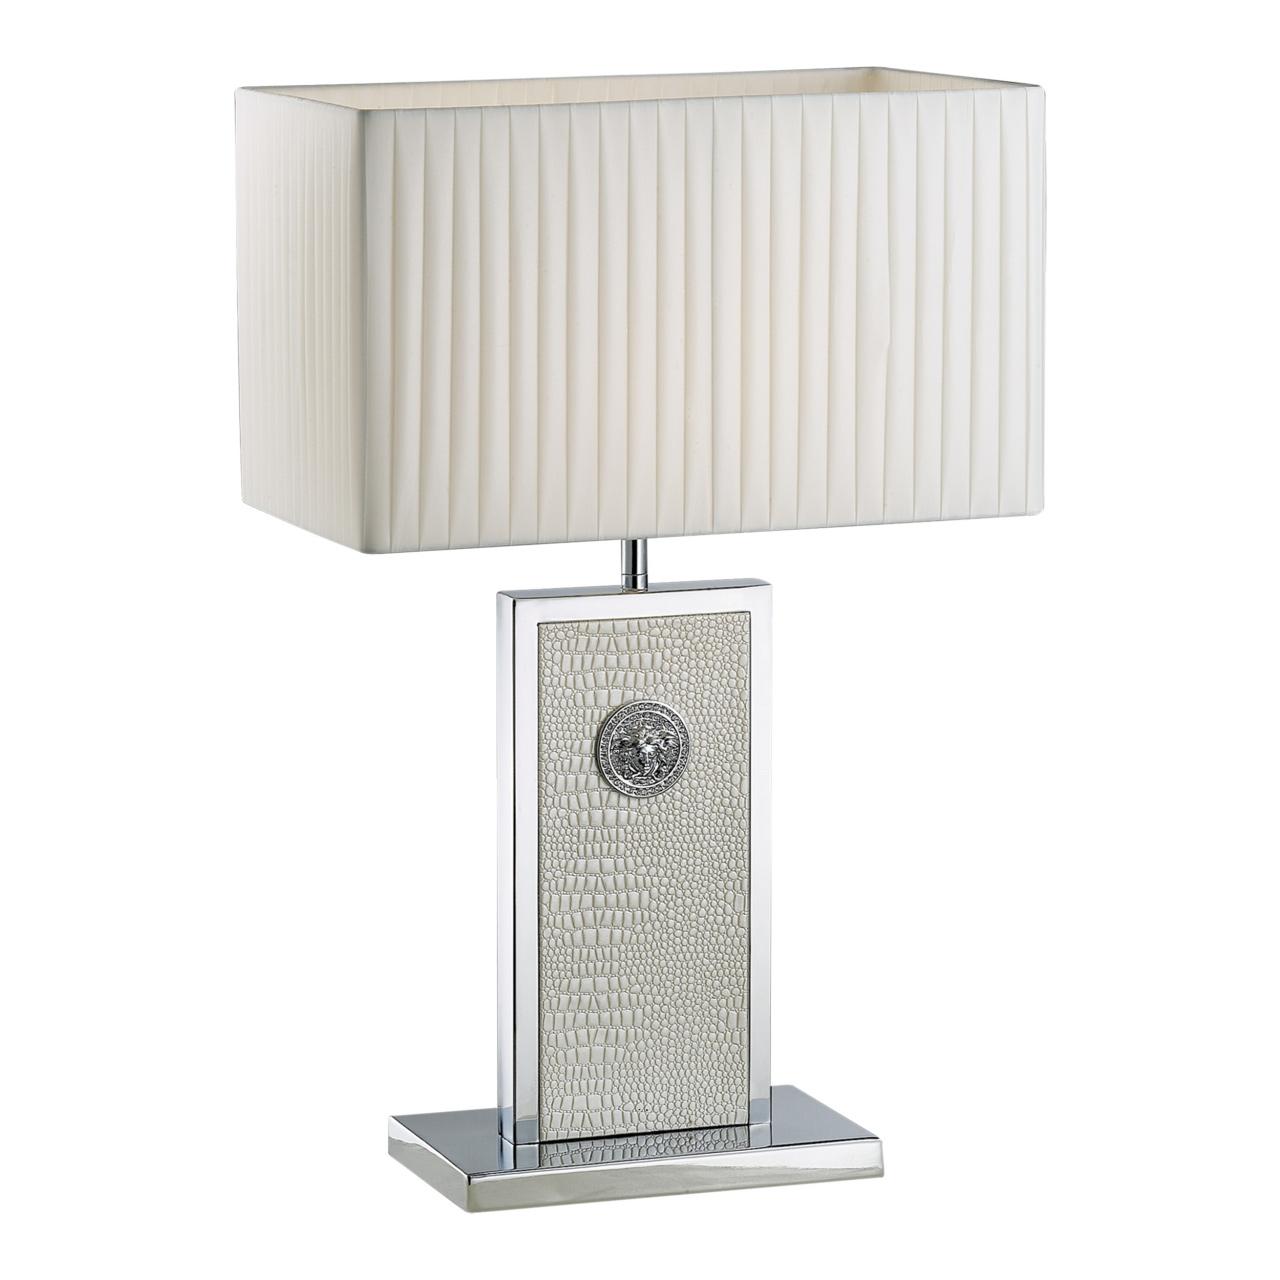 Настольная лампа Faraone 1х60W E27 кожа / белый / хром Lightstar 870936